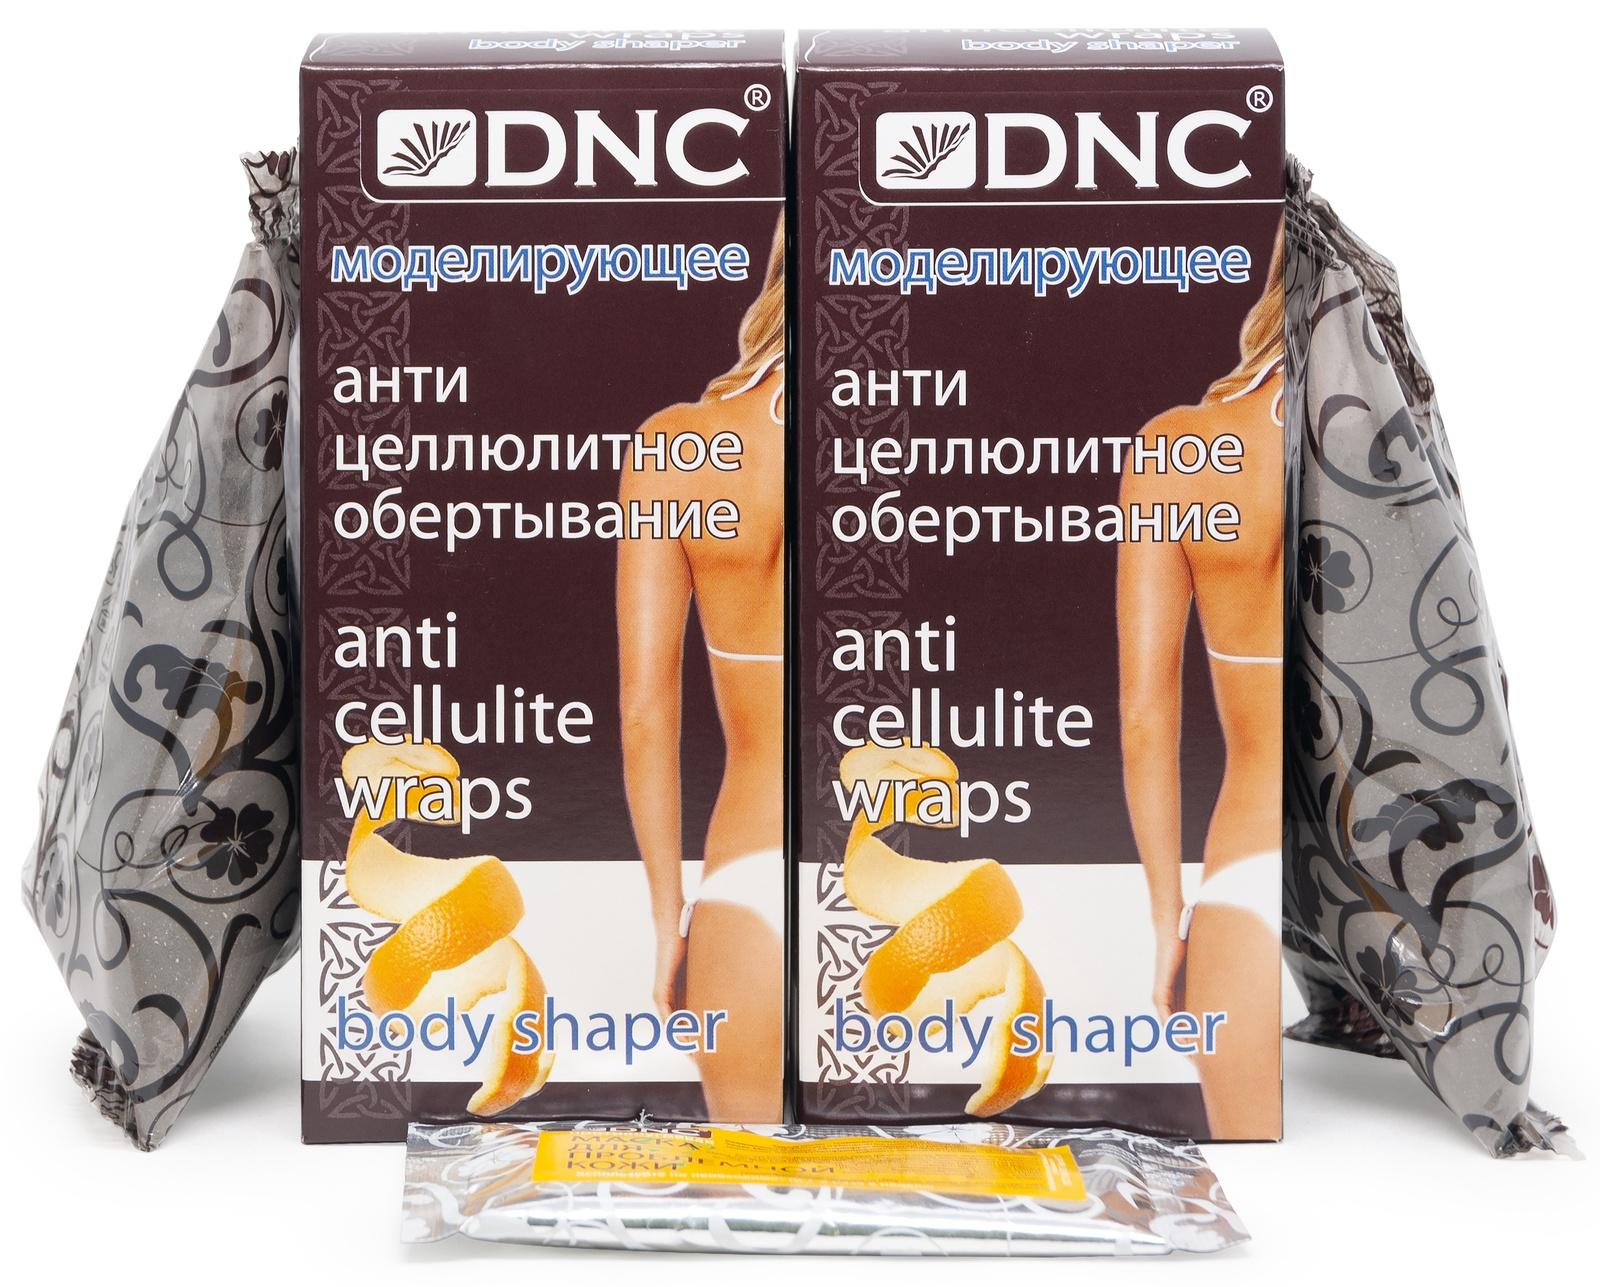 Набор: DNC Моделирующее антицеллюлитное обертывание, 140 г * 2 шт + Подарок Маска для лица 15 мл sanata крио обертывание антицеллюлитное шоколад 500 мл